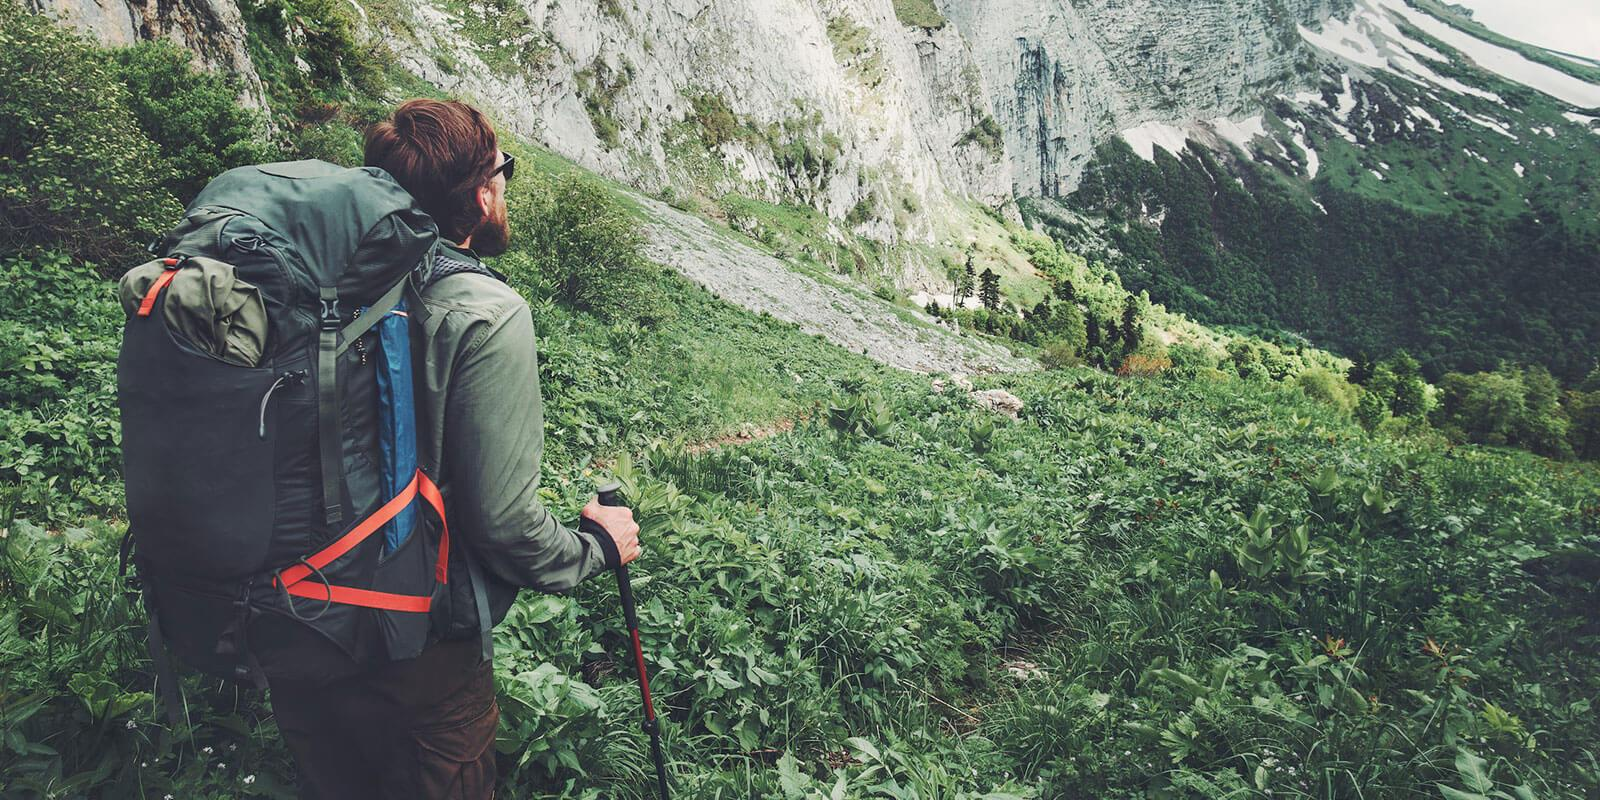 Wędruj w prawidłowy sposób: techniki chodzenia podczas trekkingu